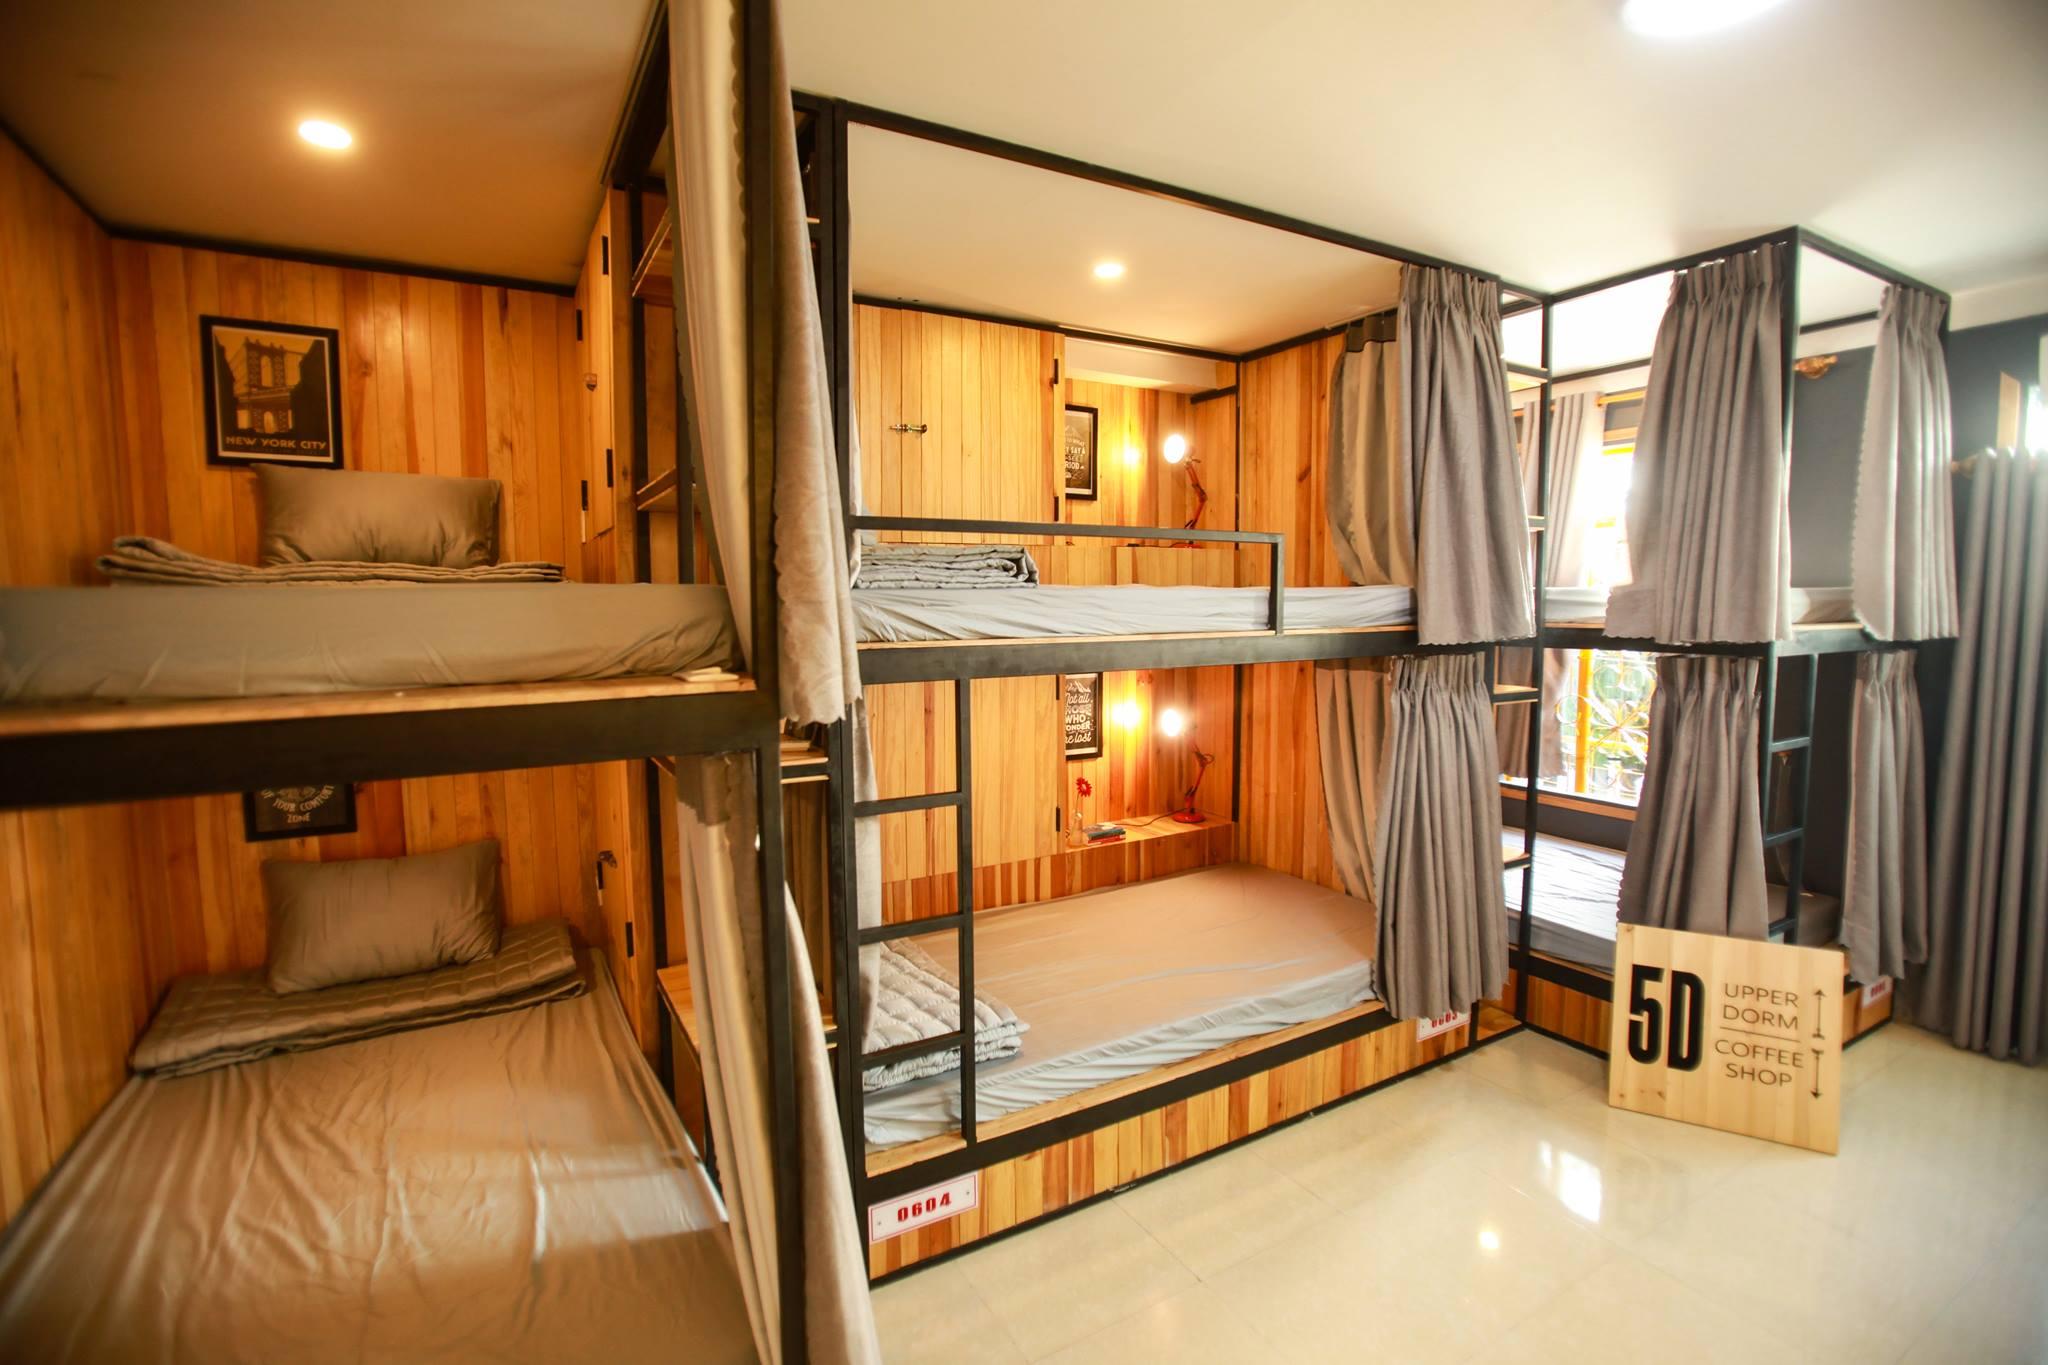 5d hostel đà nẵng - phòng giường tầng dorm